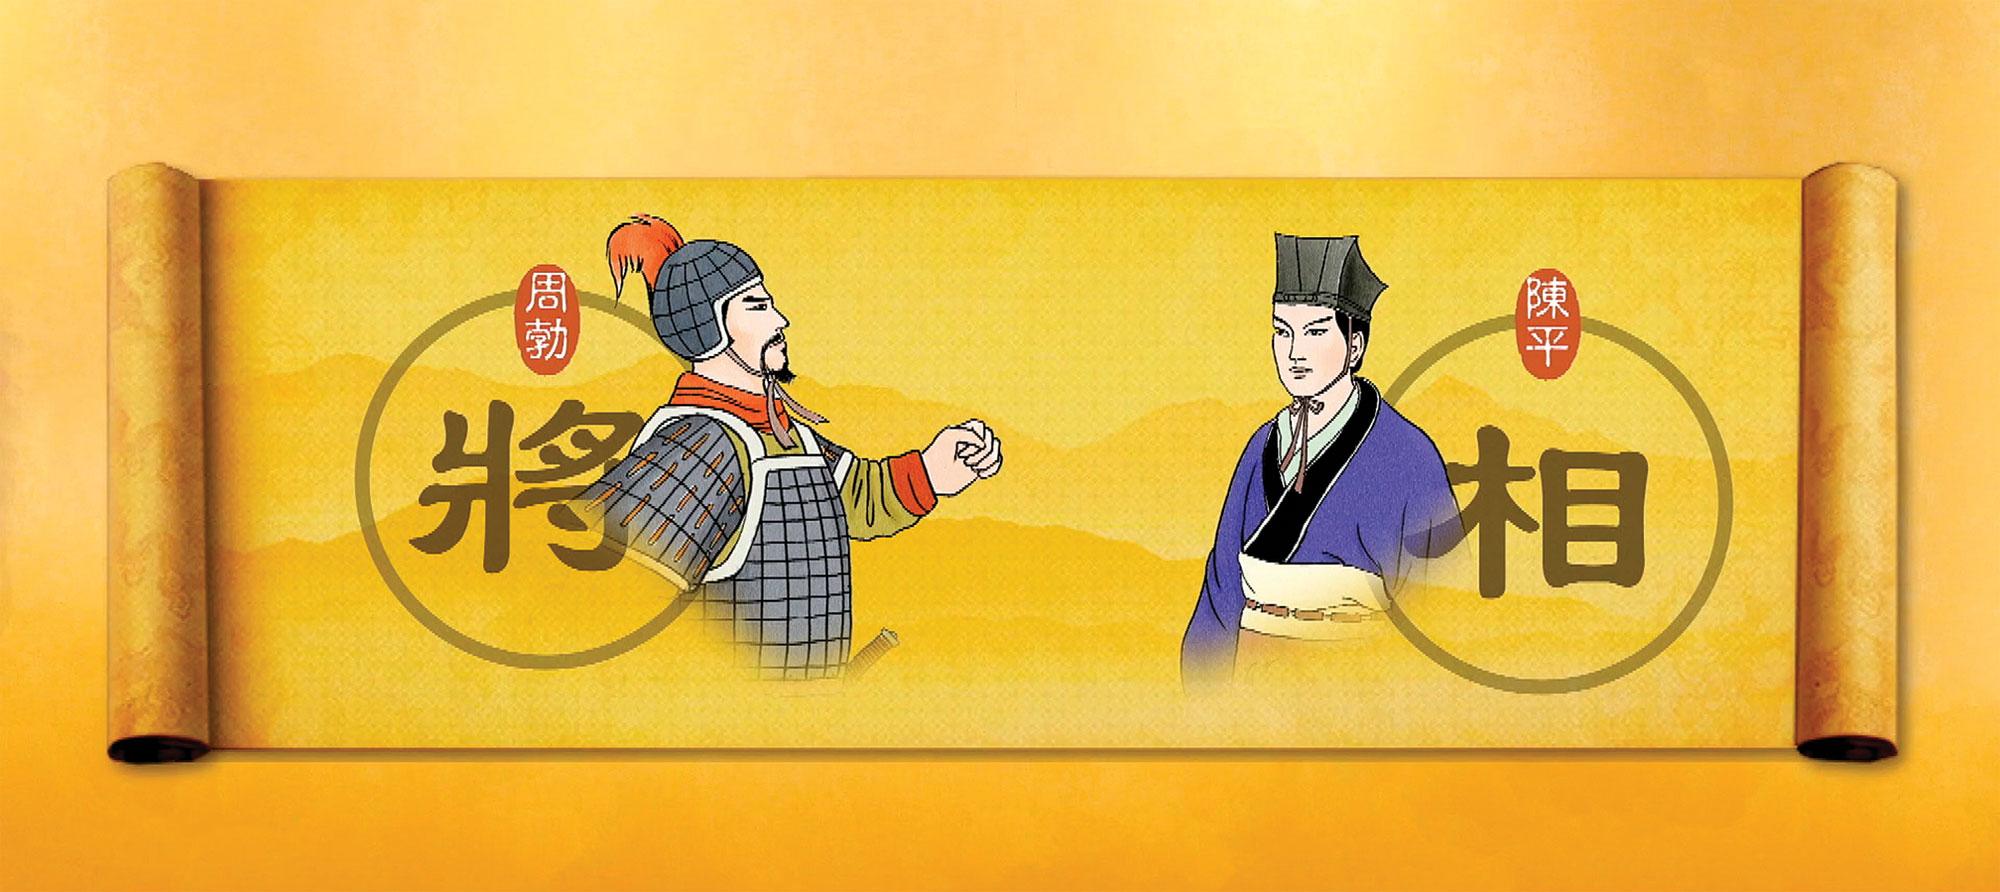 丞相陳平與太尉周勃在中間人陸賈的撮合下,計劃聯手平定諸呂作亂。